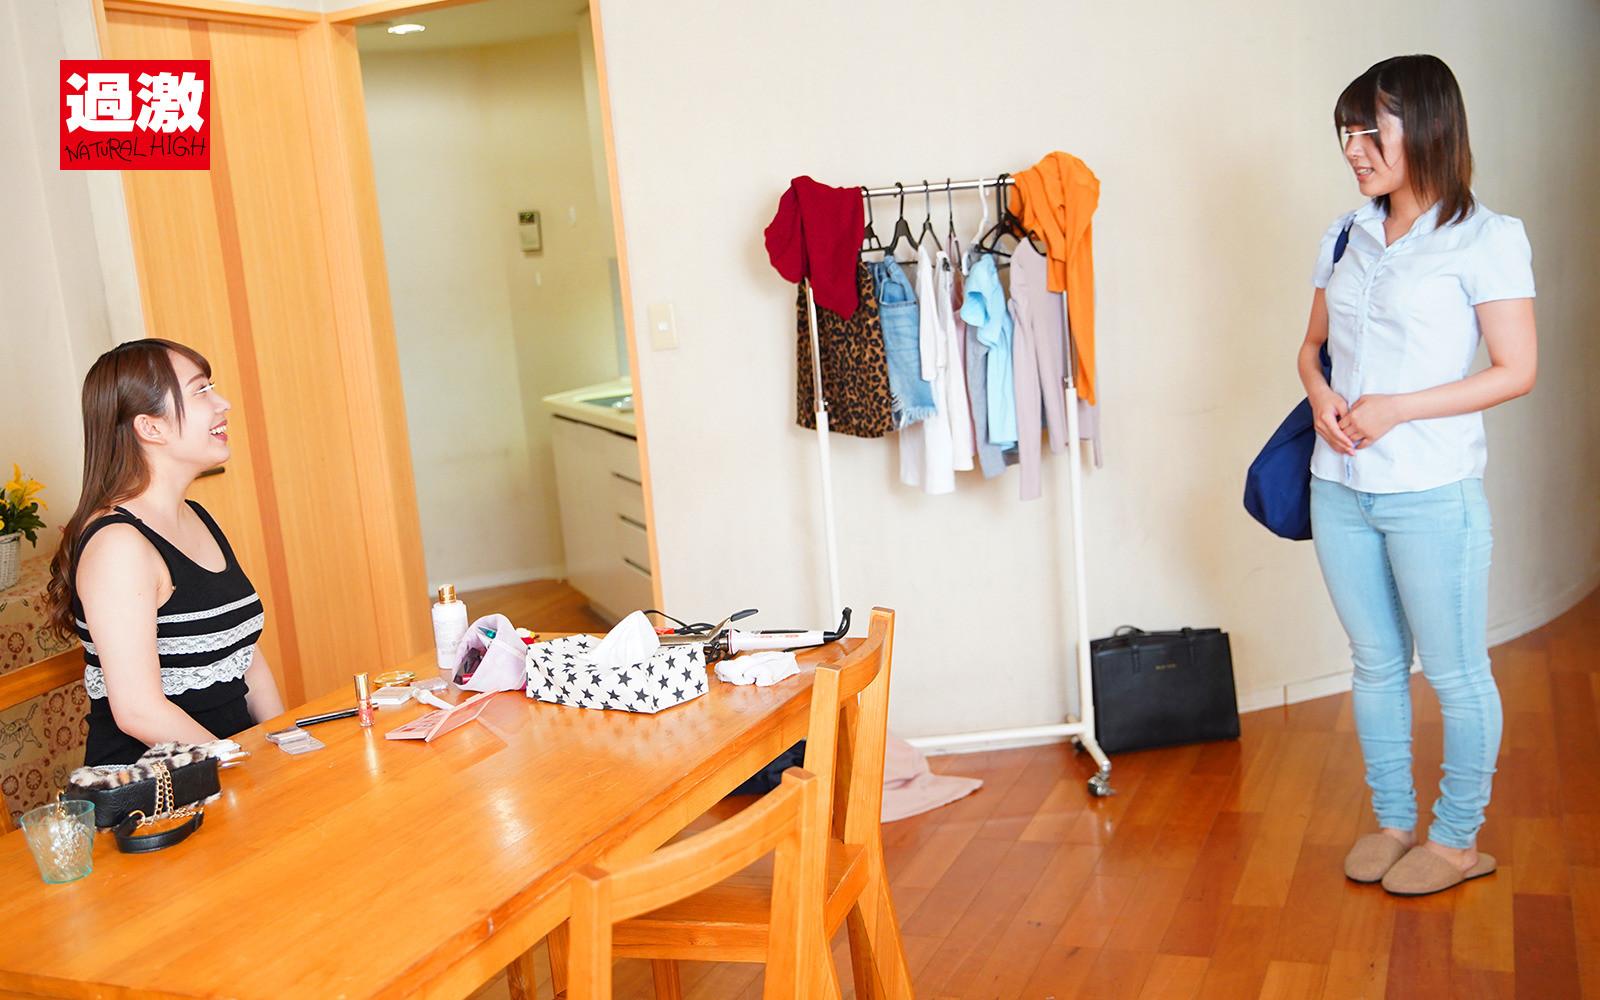 自宅に呼んだ働くうぶ娘(ピザ屋/古本買取り/家事代行)に下品なSEXを見せつけて巻き込み混合3Pを楽しむ変態カップル,のサンプル画像14